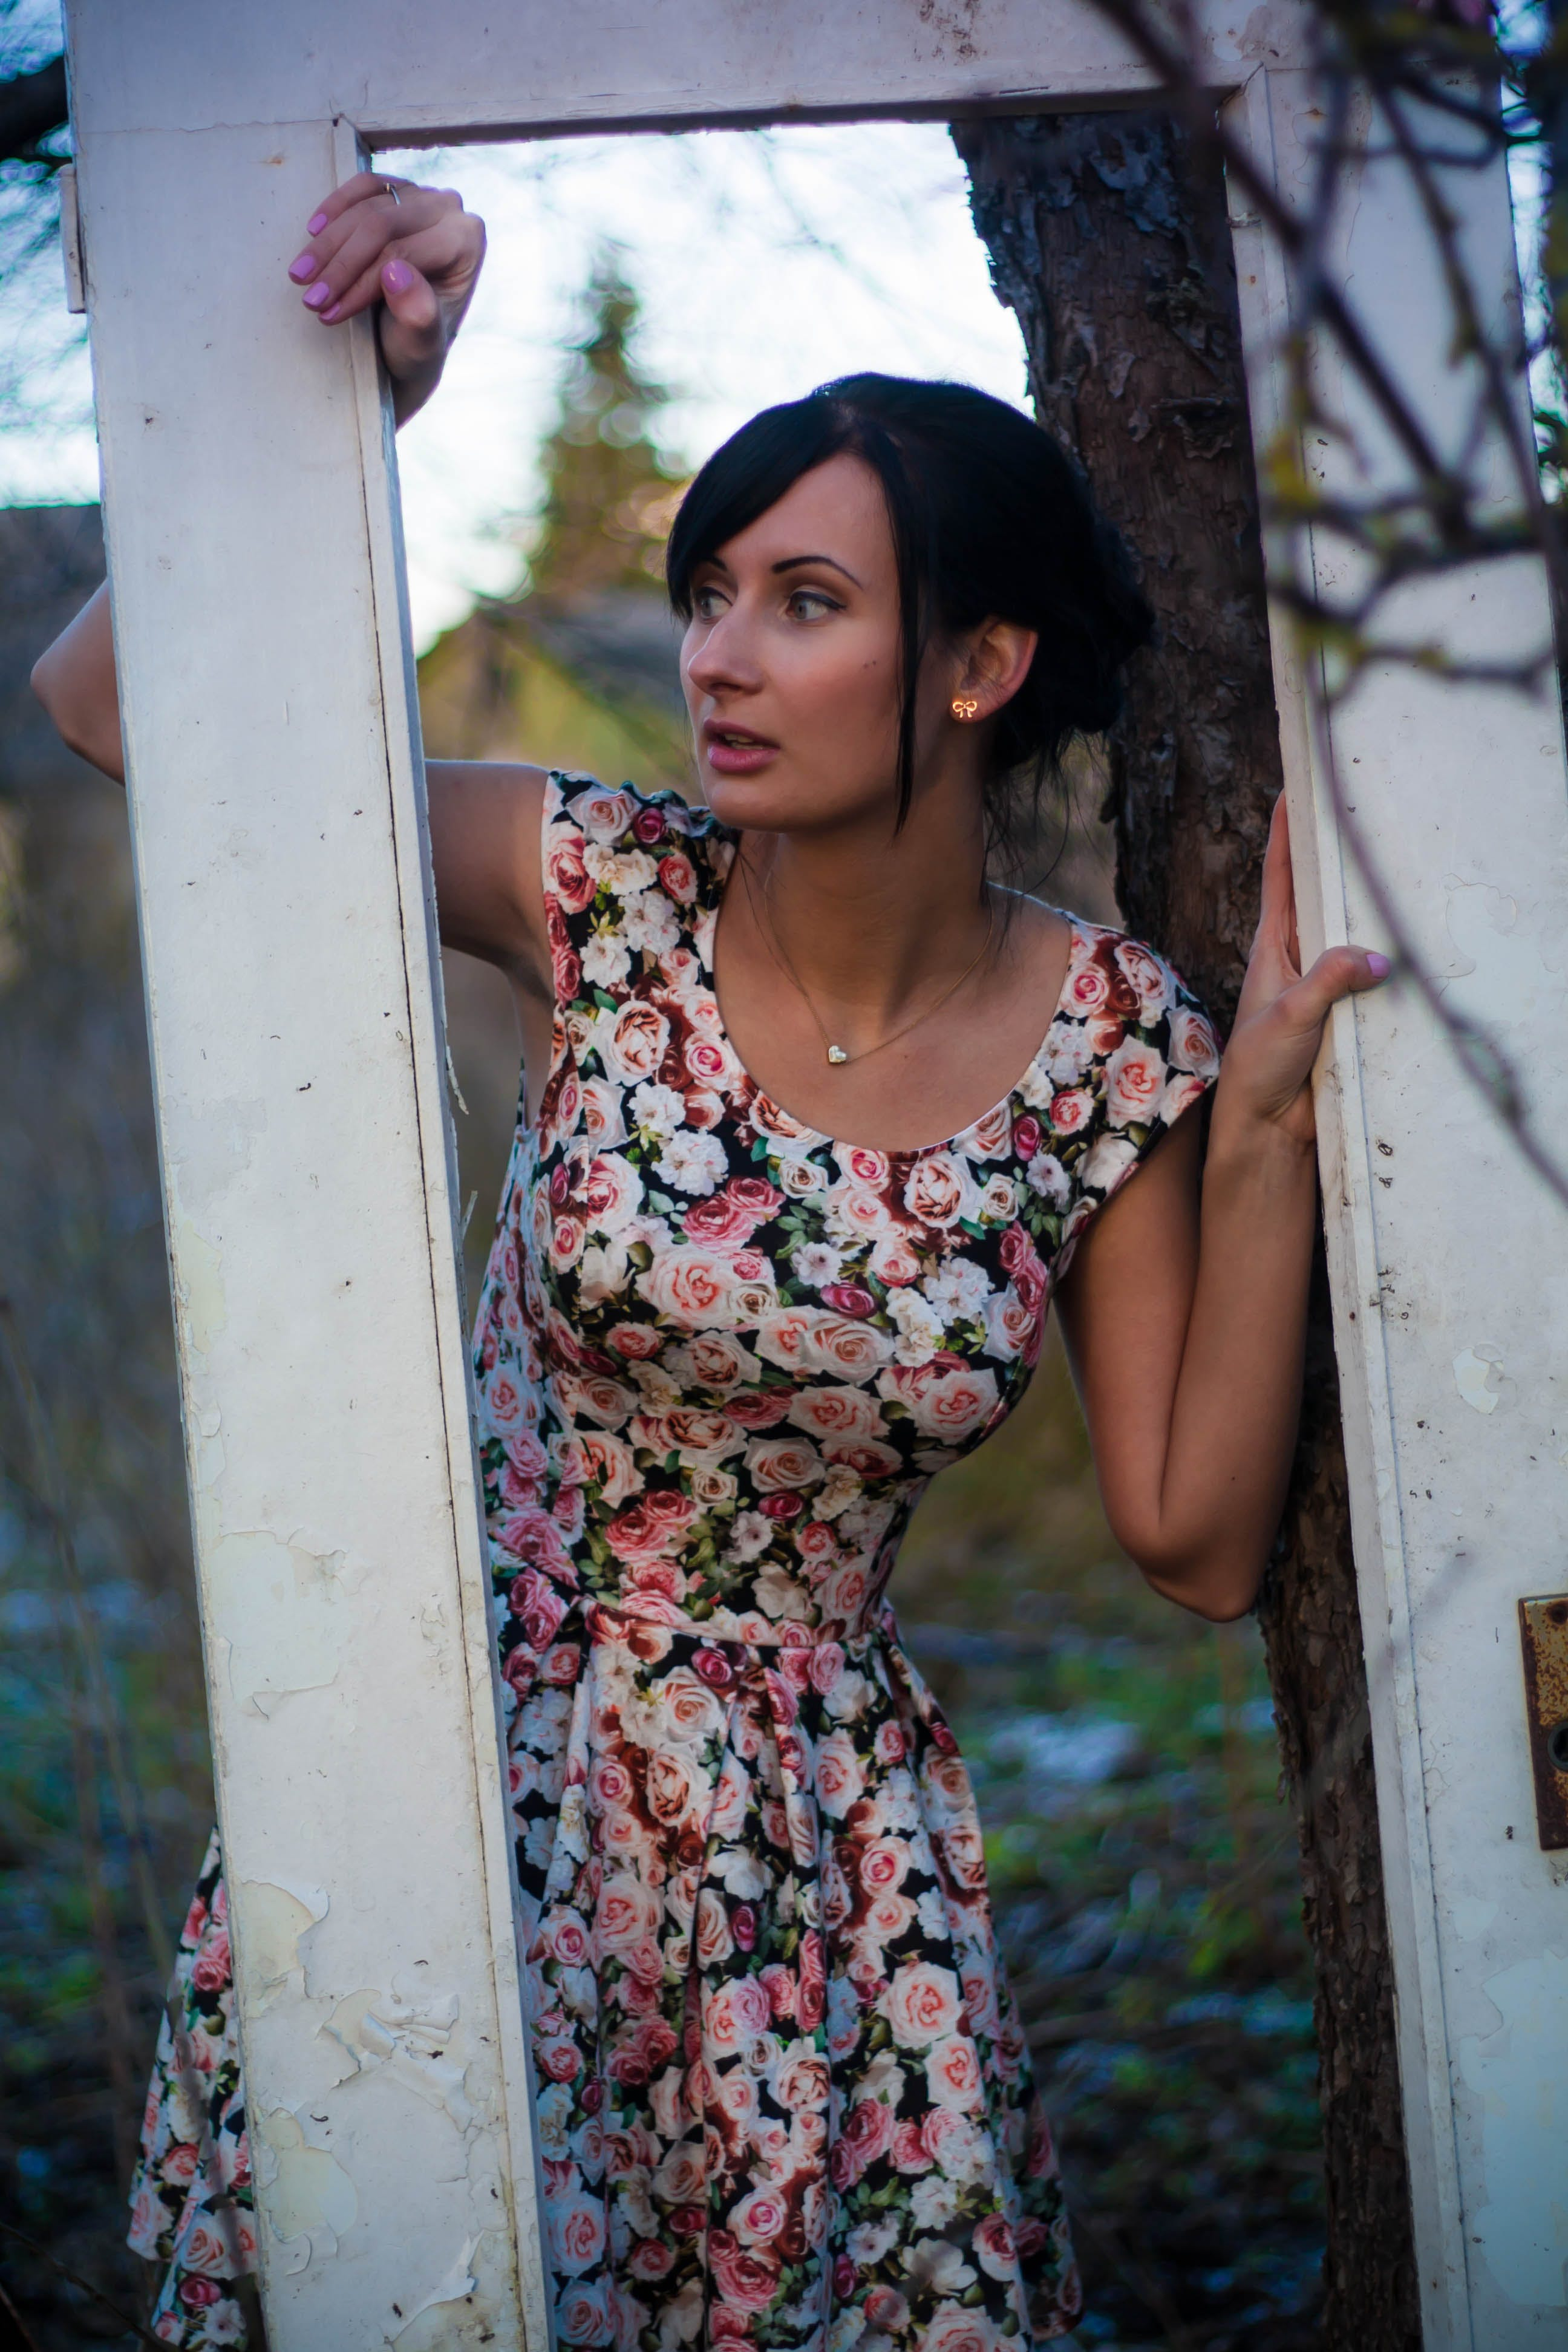 ドレス, ポージング, ポーズ, モデルの無料の写真素材